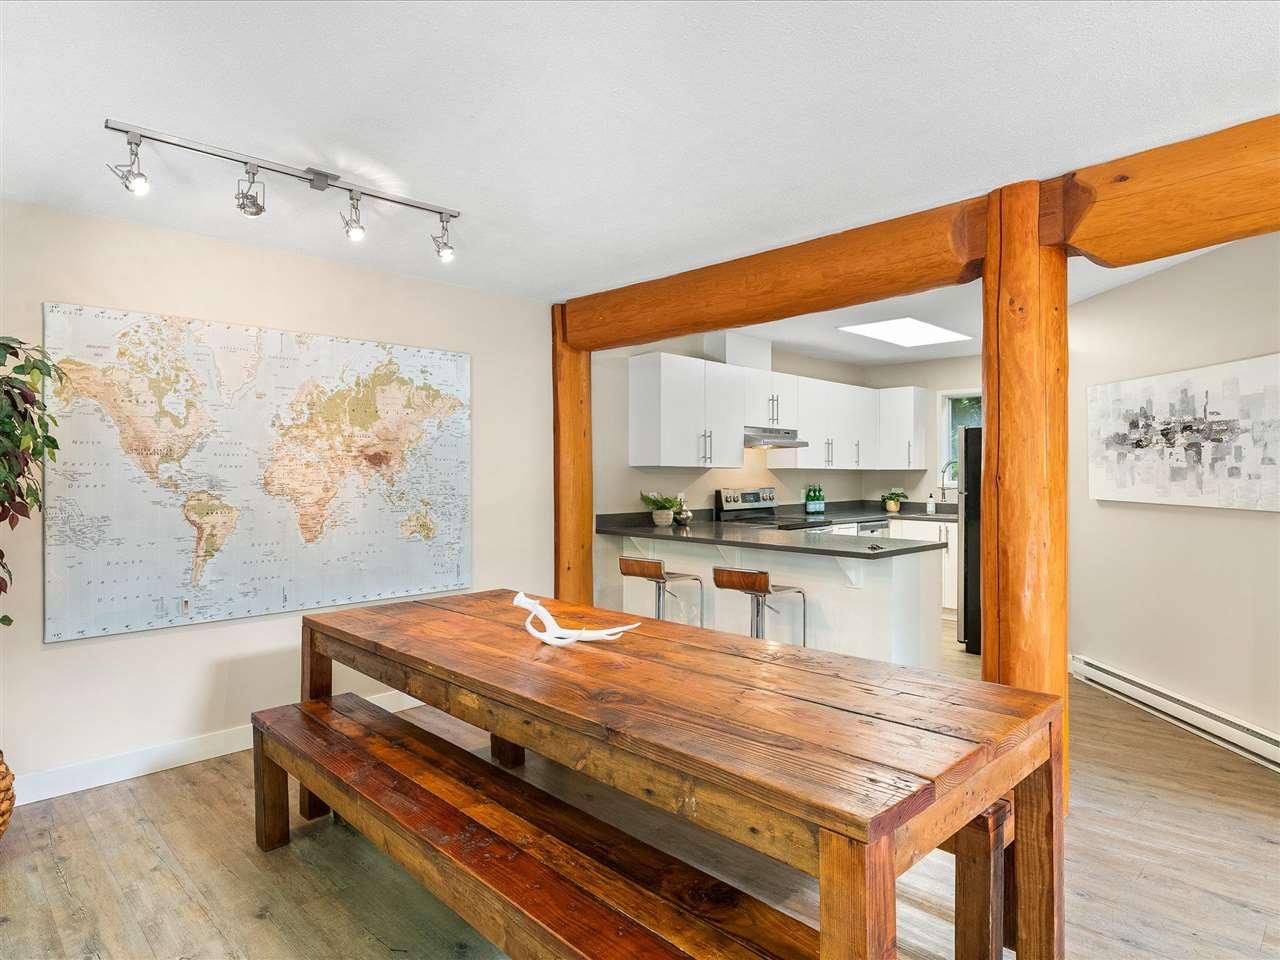 72 2222 BRANDYWINE WAY - Bayshores 1/2 Duplex for sale, 3 Bedrooms (R2591139) - #4